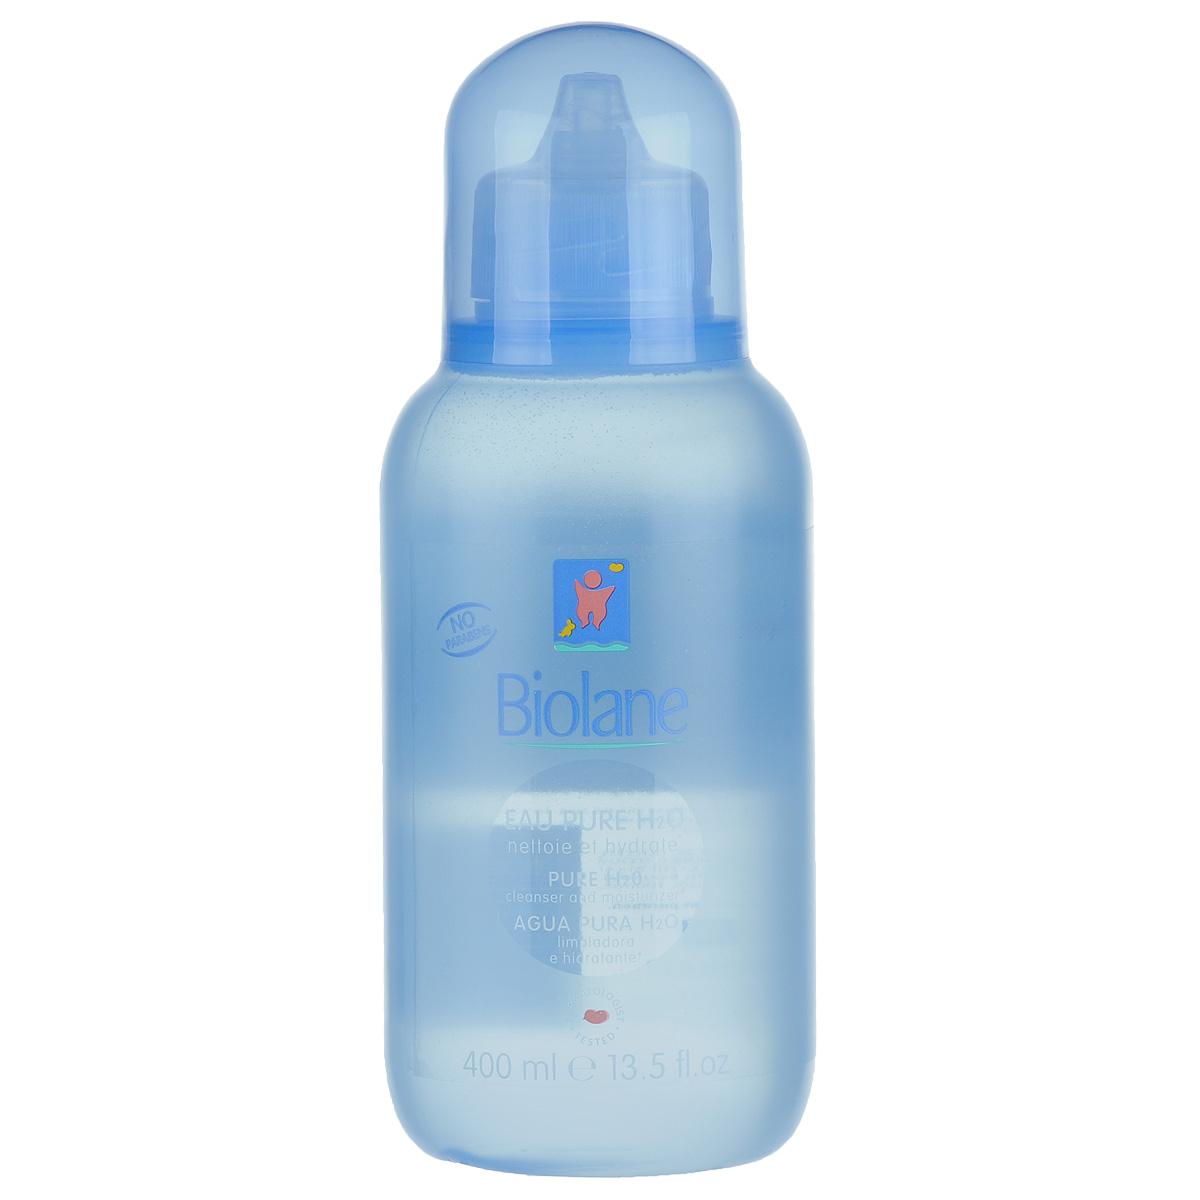 Biolane Детская очищающая жидкость, 400 млBH2OДетская очищающая жидкость Biolane с pH-сбалансированной формулой эффективно очищает лицо, тело и области под подгузником малыша. Идеальна для применения на всех чувствительных областях кожи младенца. Не требует смывания, что позволяет избежать контакта с водой и уберечь кожу крохи от высушивающего действия обычной воды. Поддерживает естественный баланс кожи ребенка. Уникальный комплекс биологически активных веществ на основе масла зародышей пшеницы Hydra-Bleine способствует увлажнению кожи и питает ее. Кожа ребенка остается свежей, мягкой, с легким приятным ароматом. Товар сертифицирован.